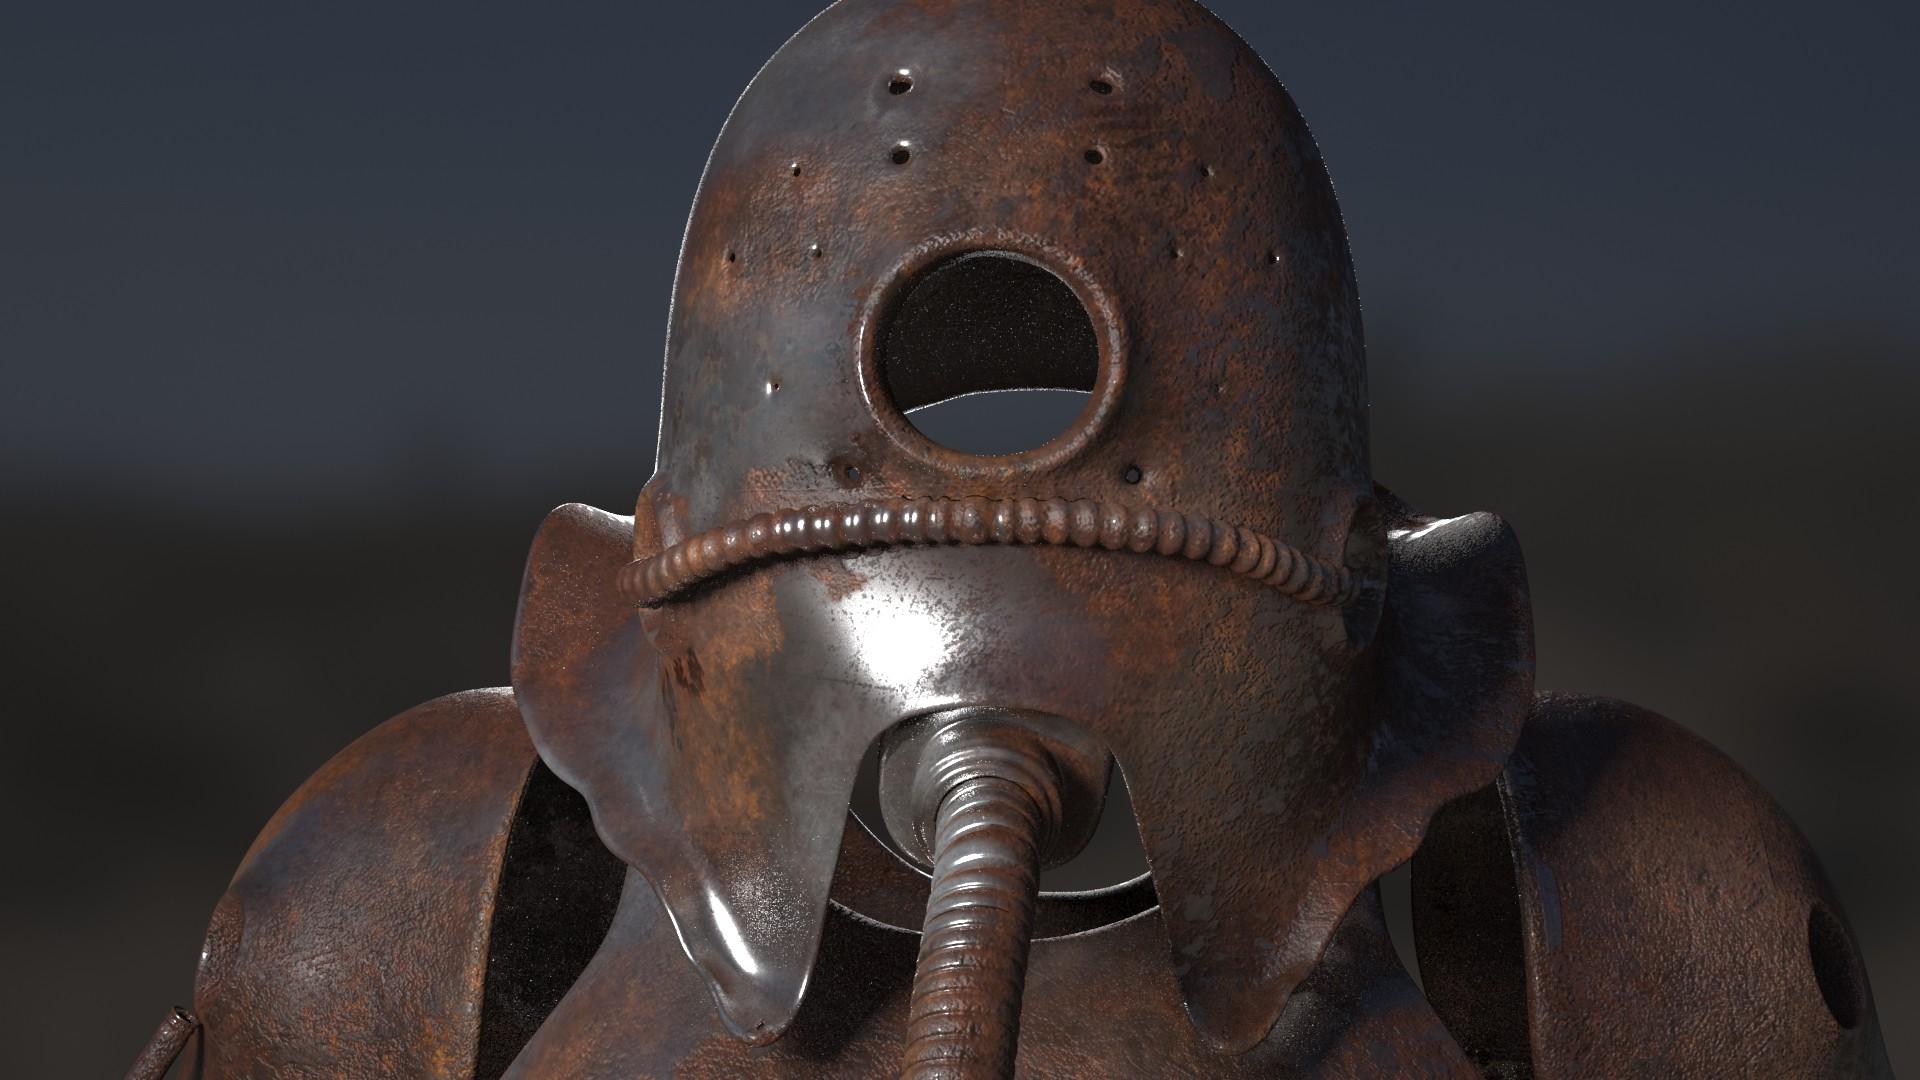 Fabricio rezende armor rust02